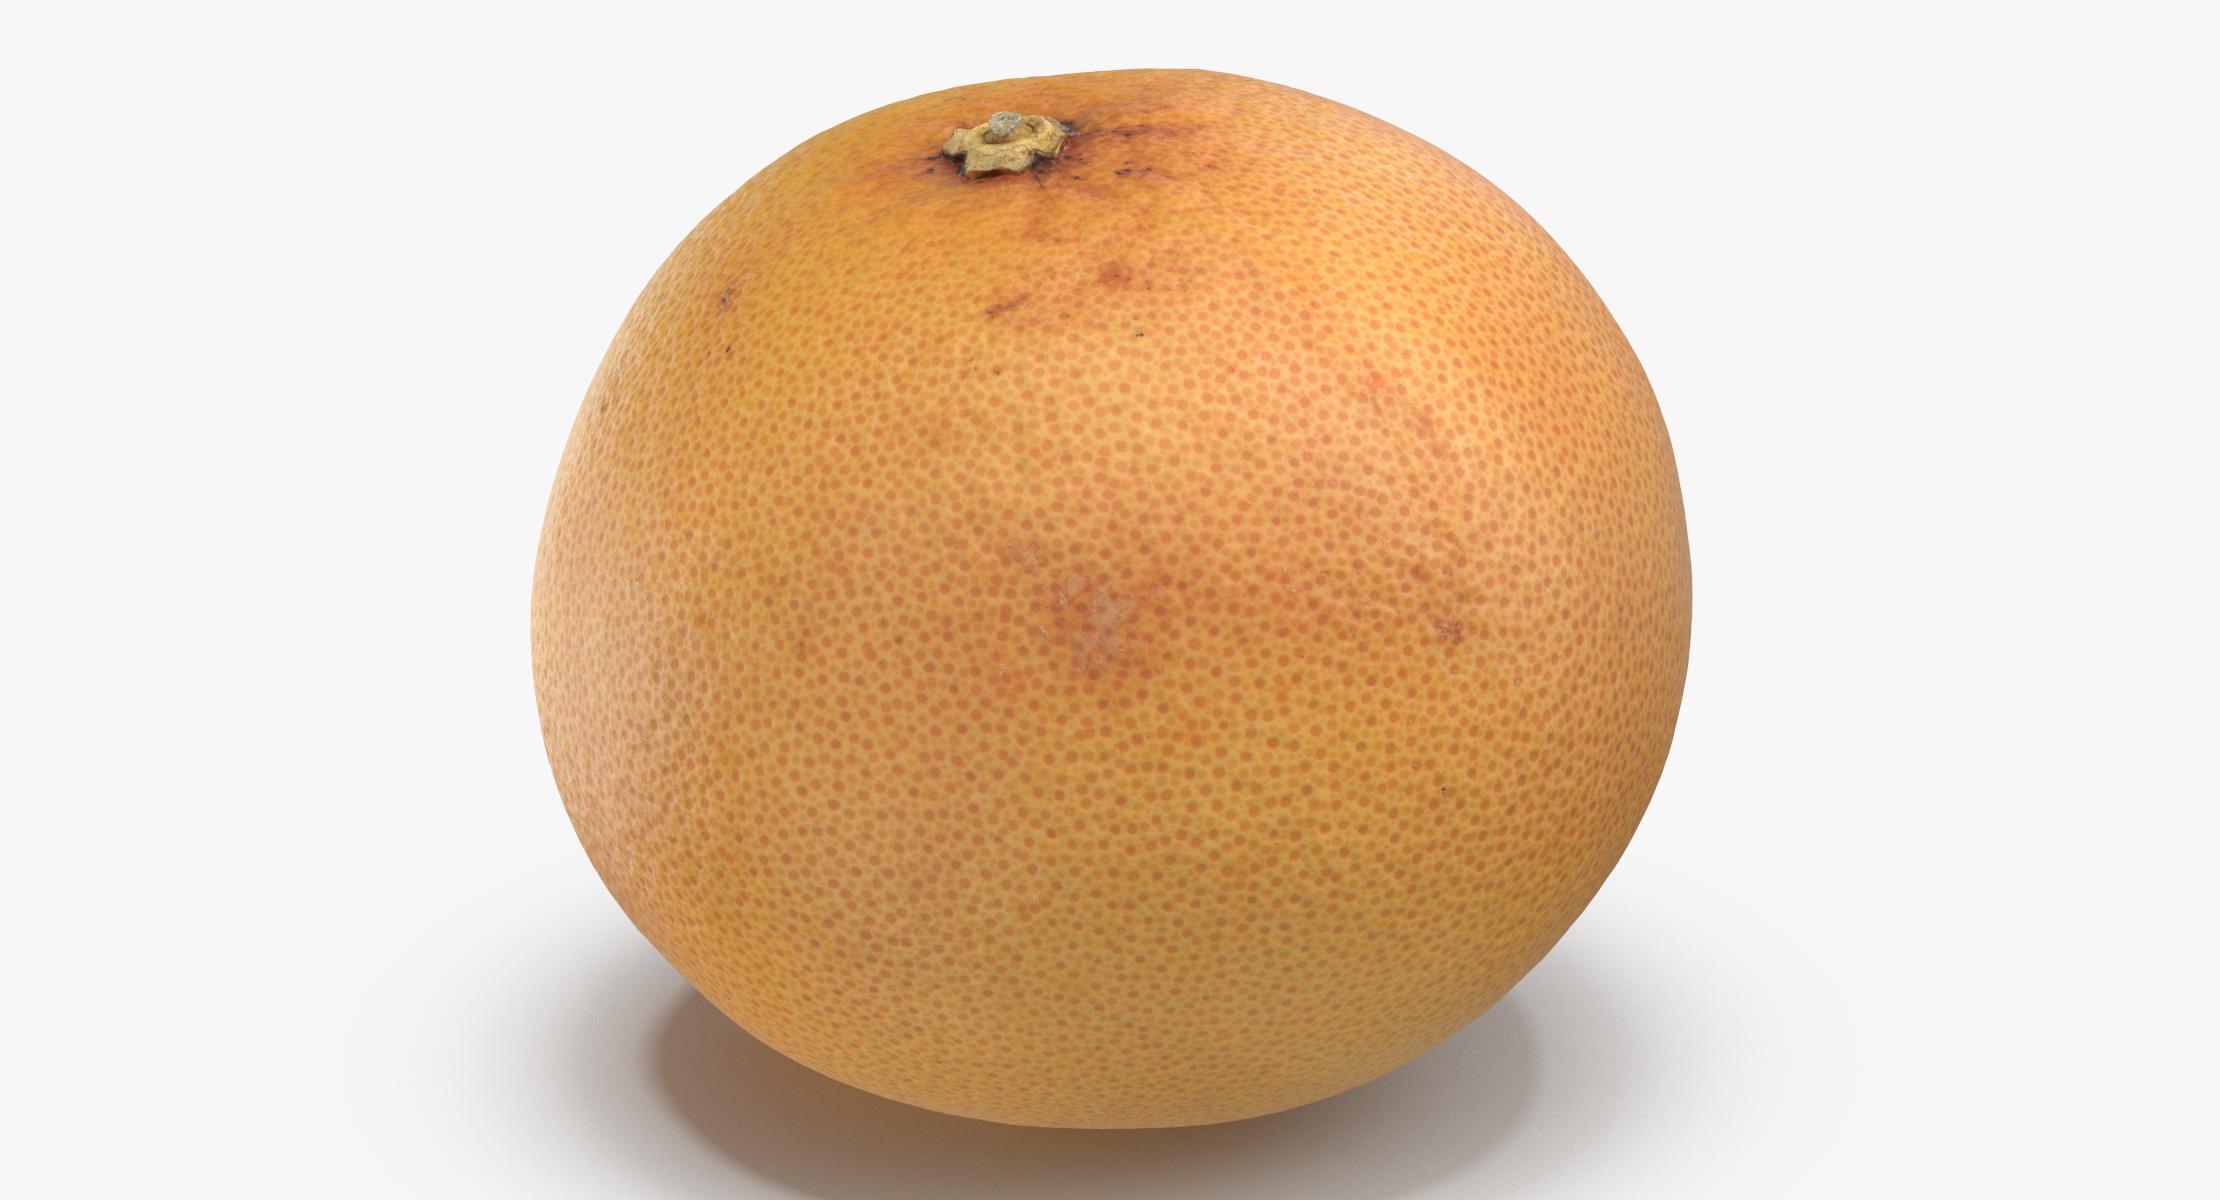 Grapefruit 01 - reel 1